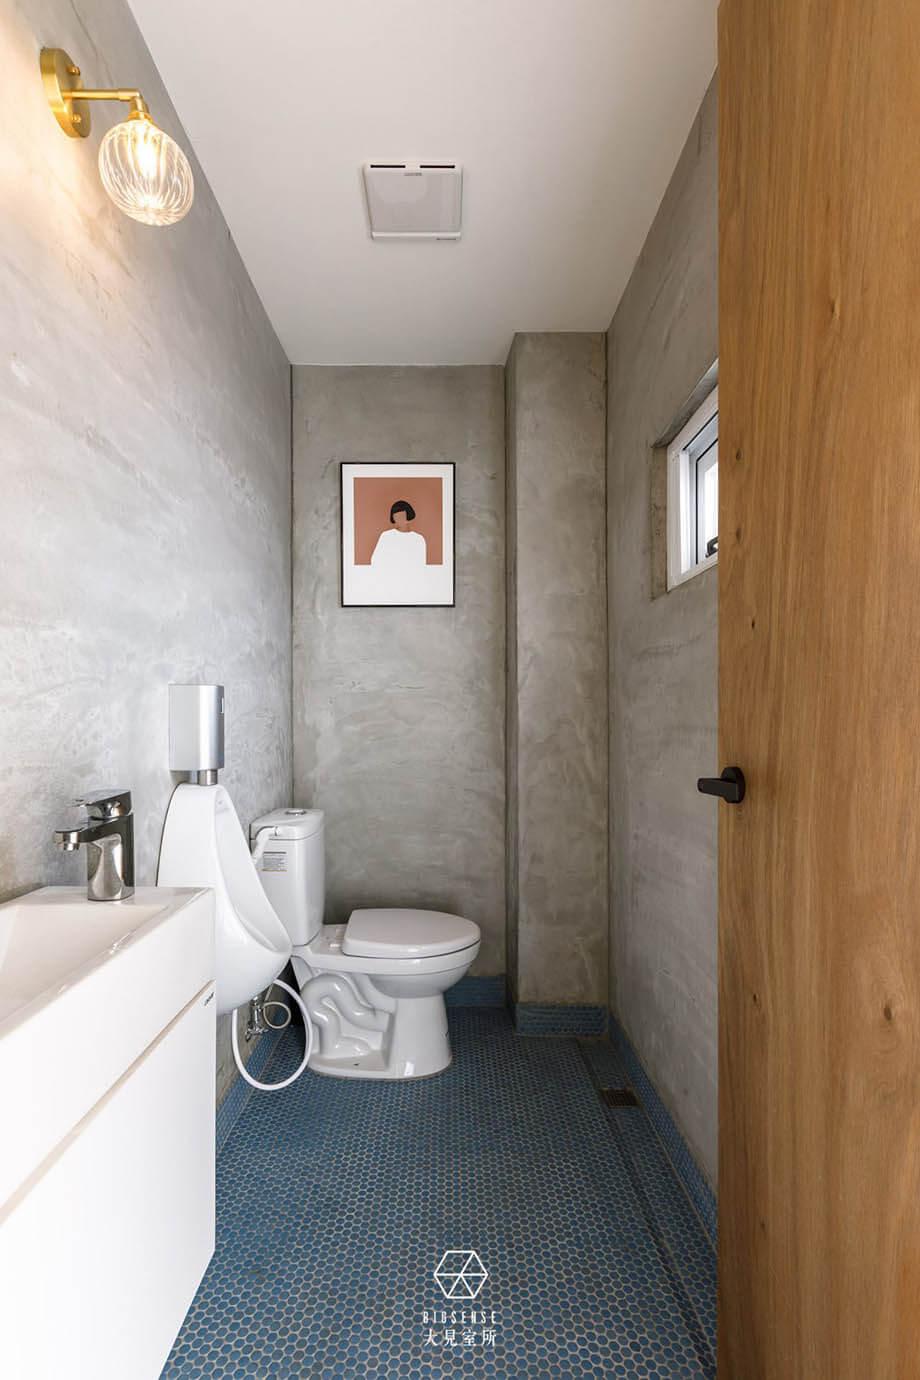 ห้องน้ำแนวลึก